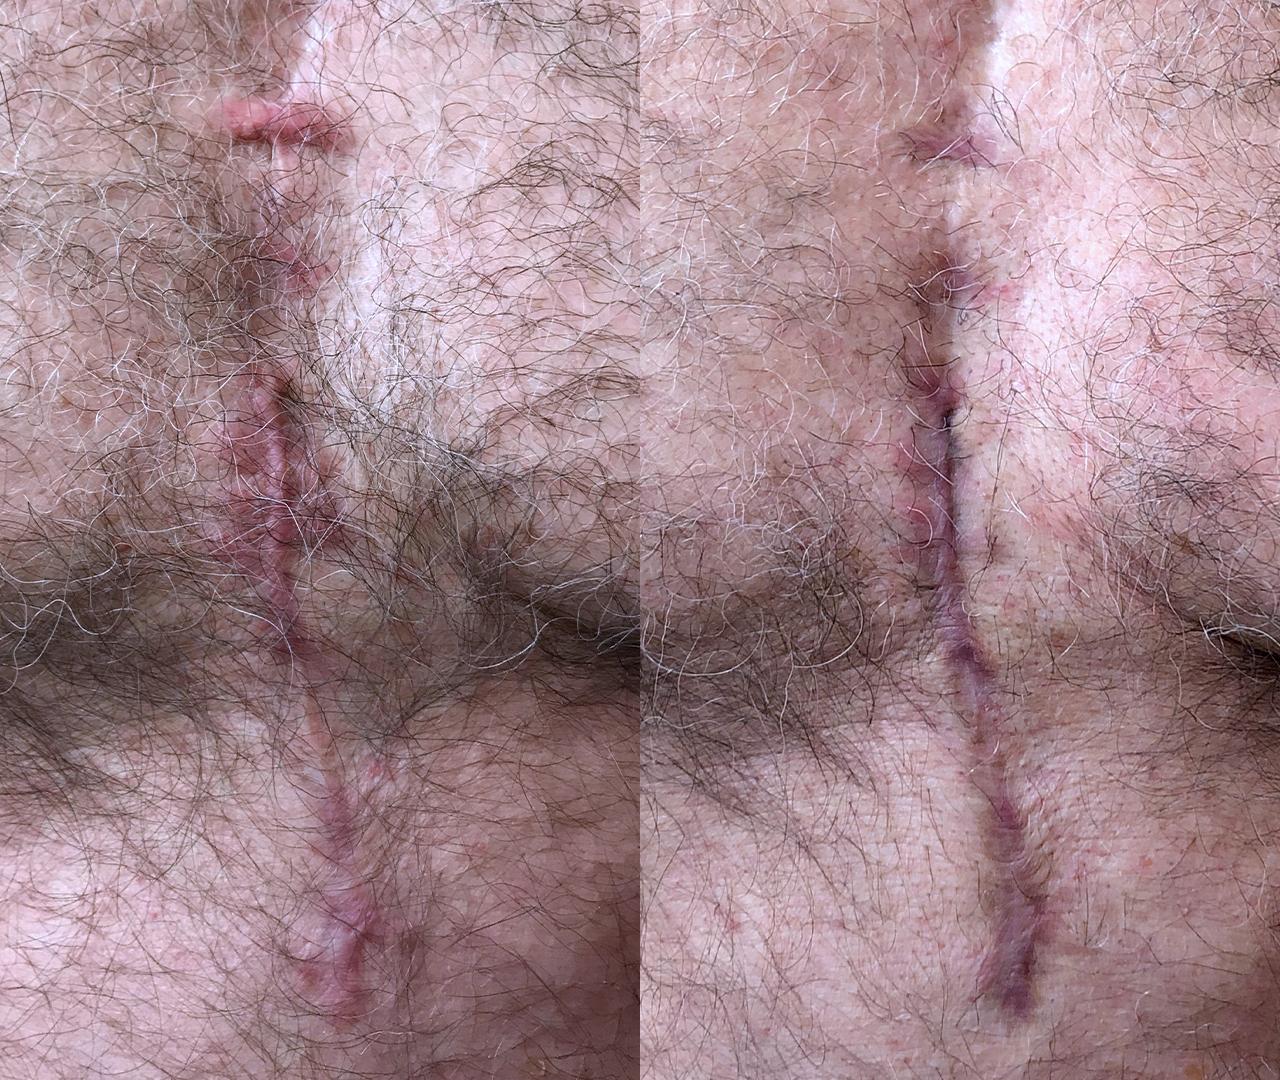 Vascular Lasers for Redness & Veins Vbeam 2